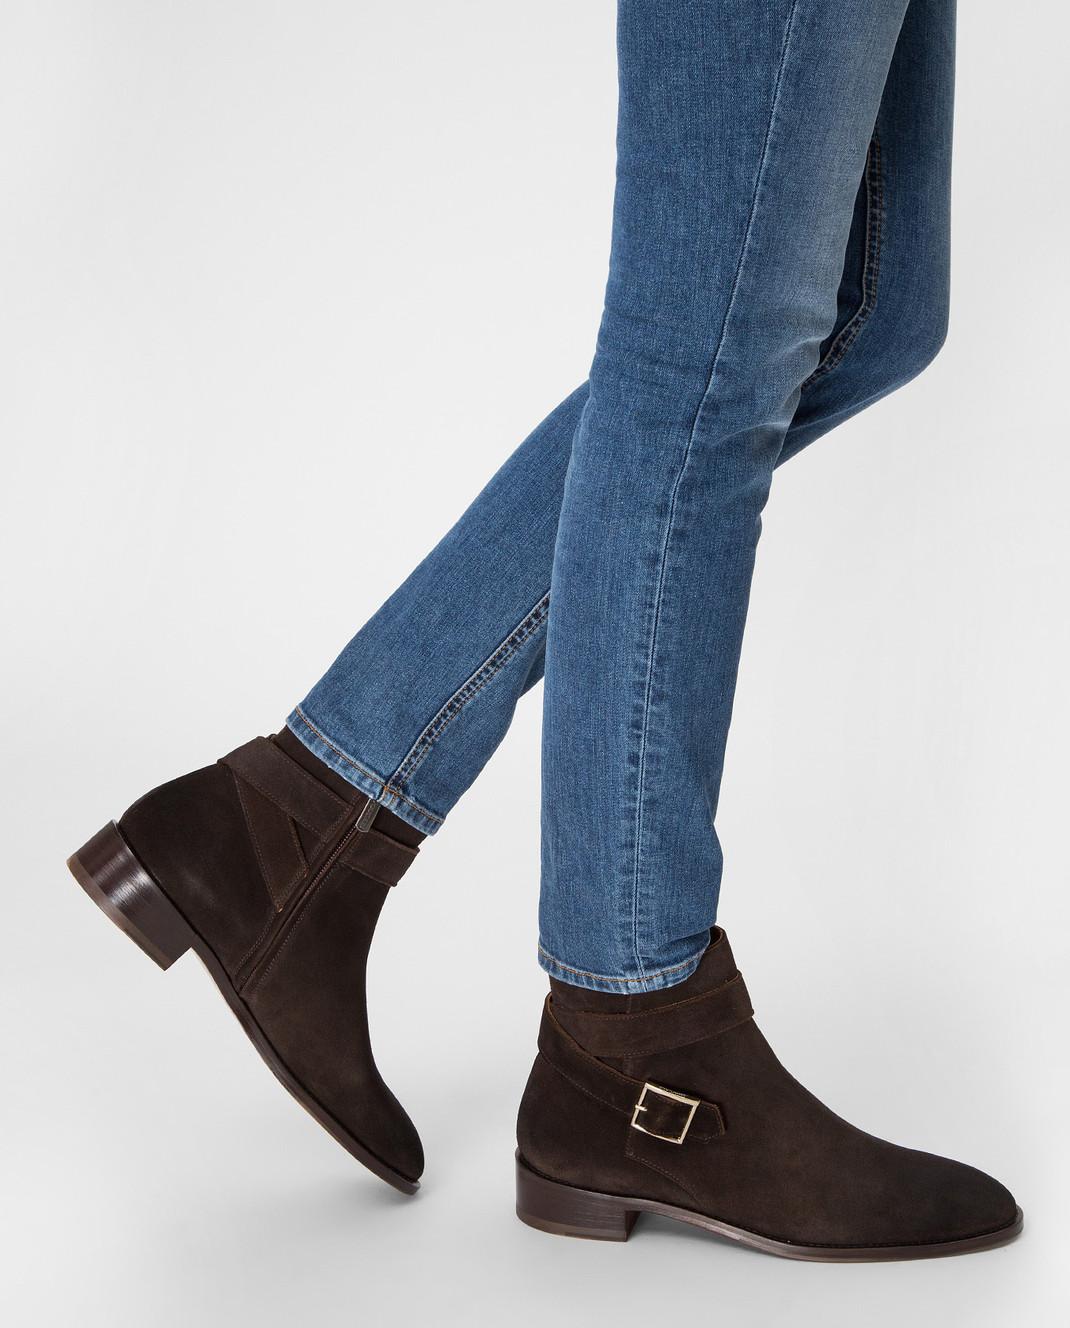 Doucal's Коричневые замшевые ботинки DD8252PATCUF083 изображение 2